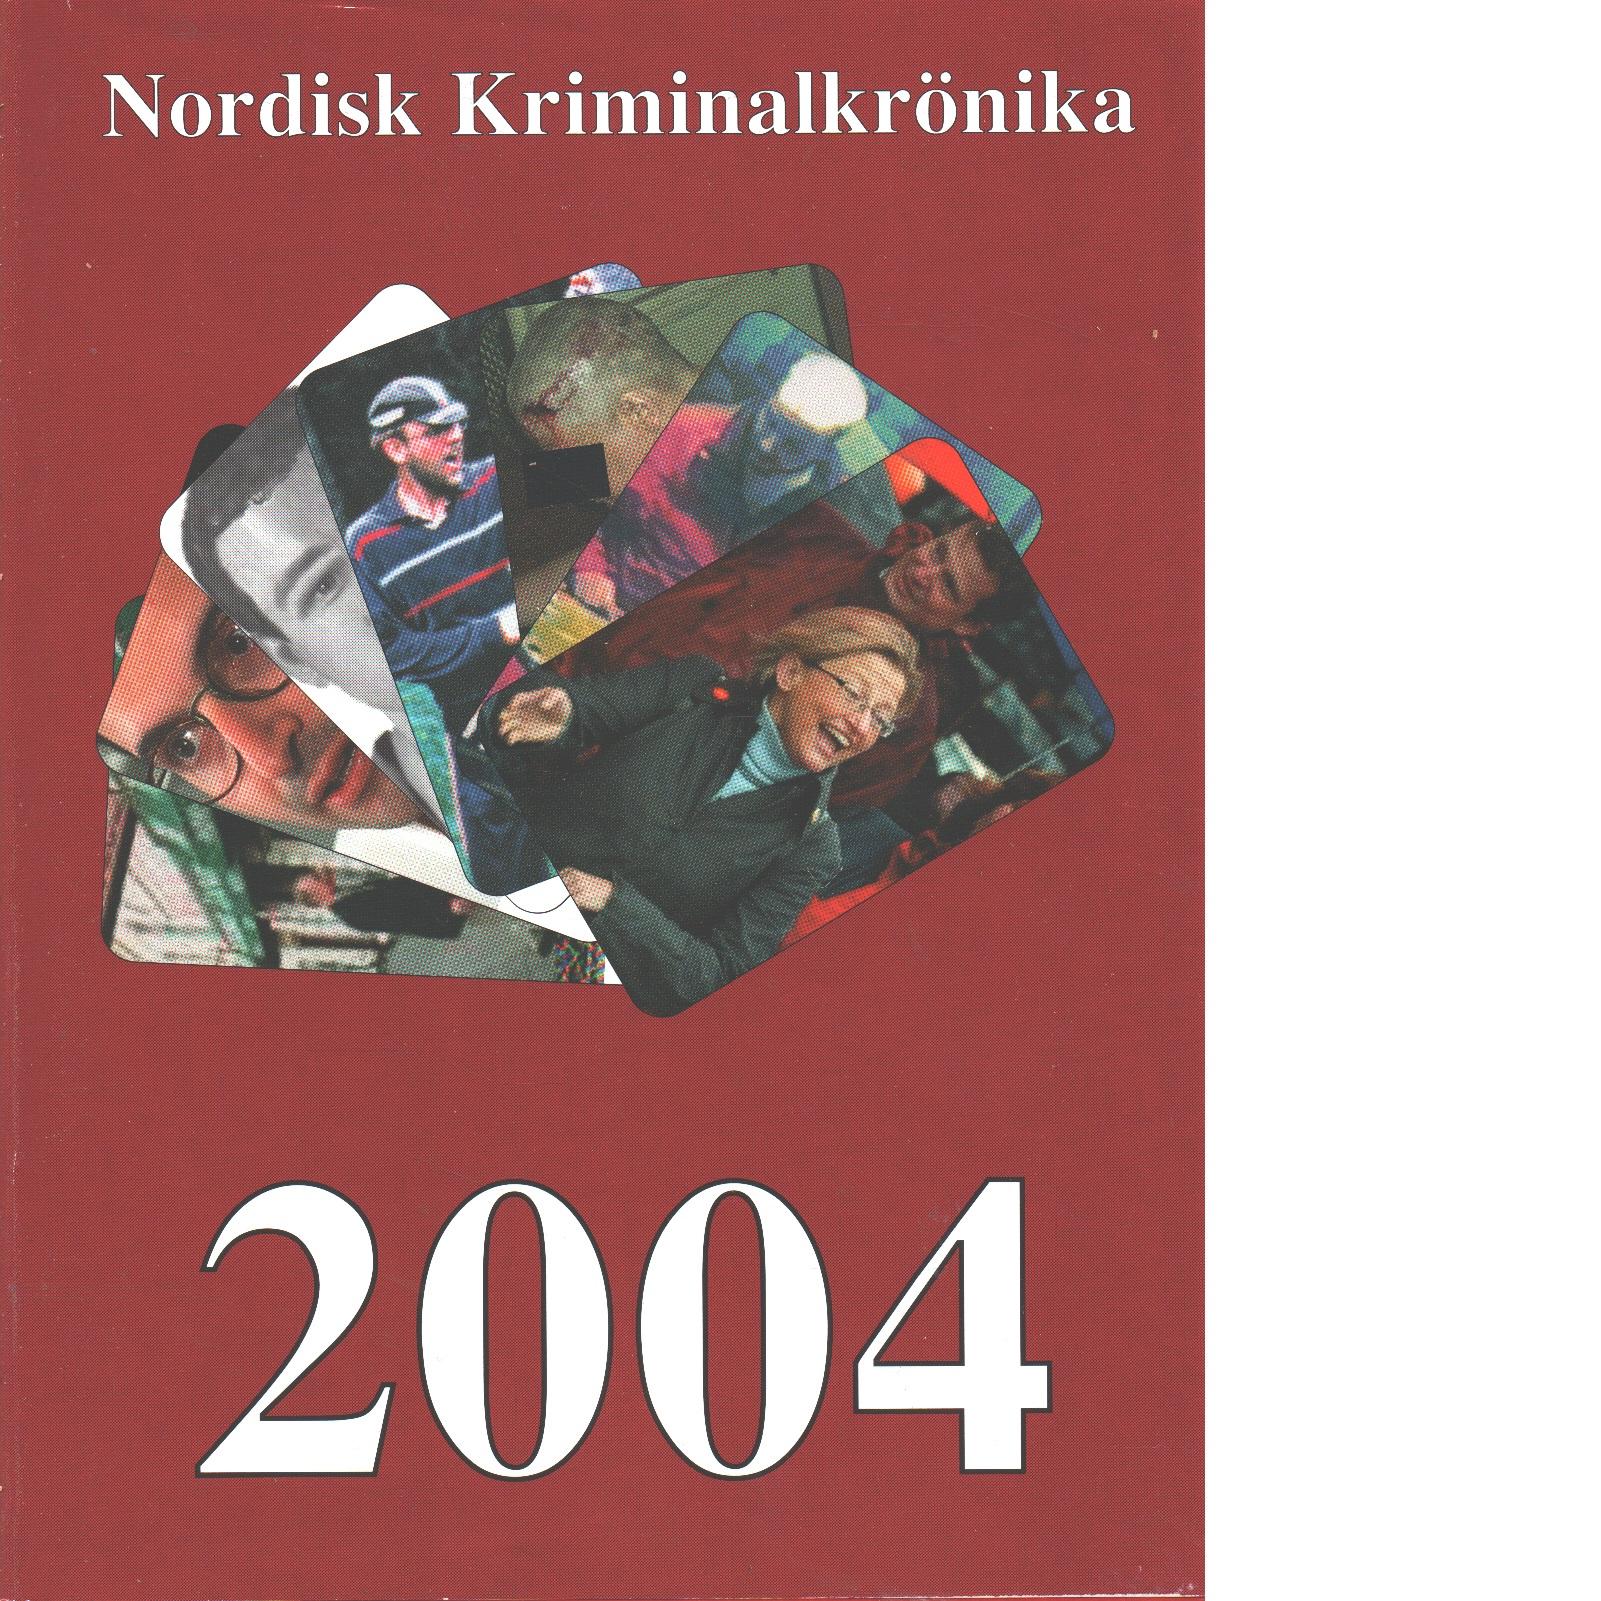 Nordisk kriminalkrönika 2004 - Red. Nordiska polisidrottsförbundet